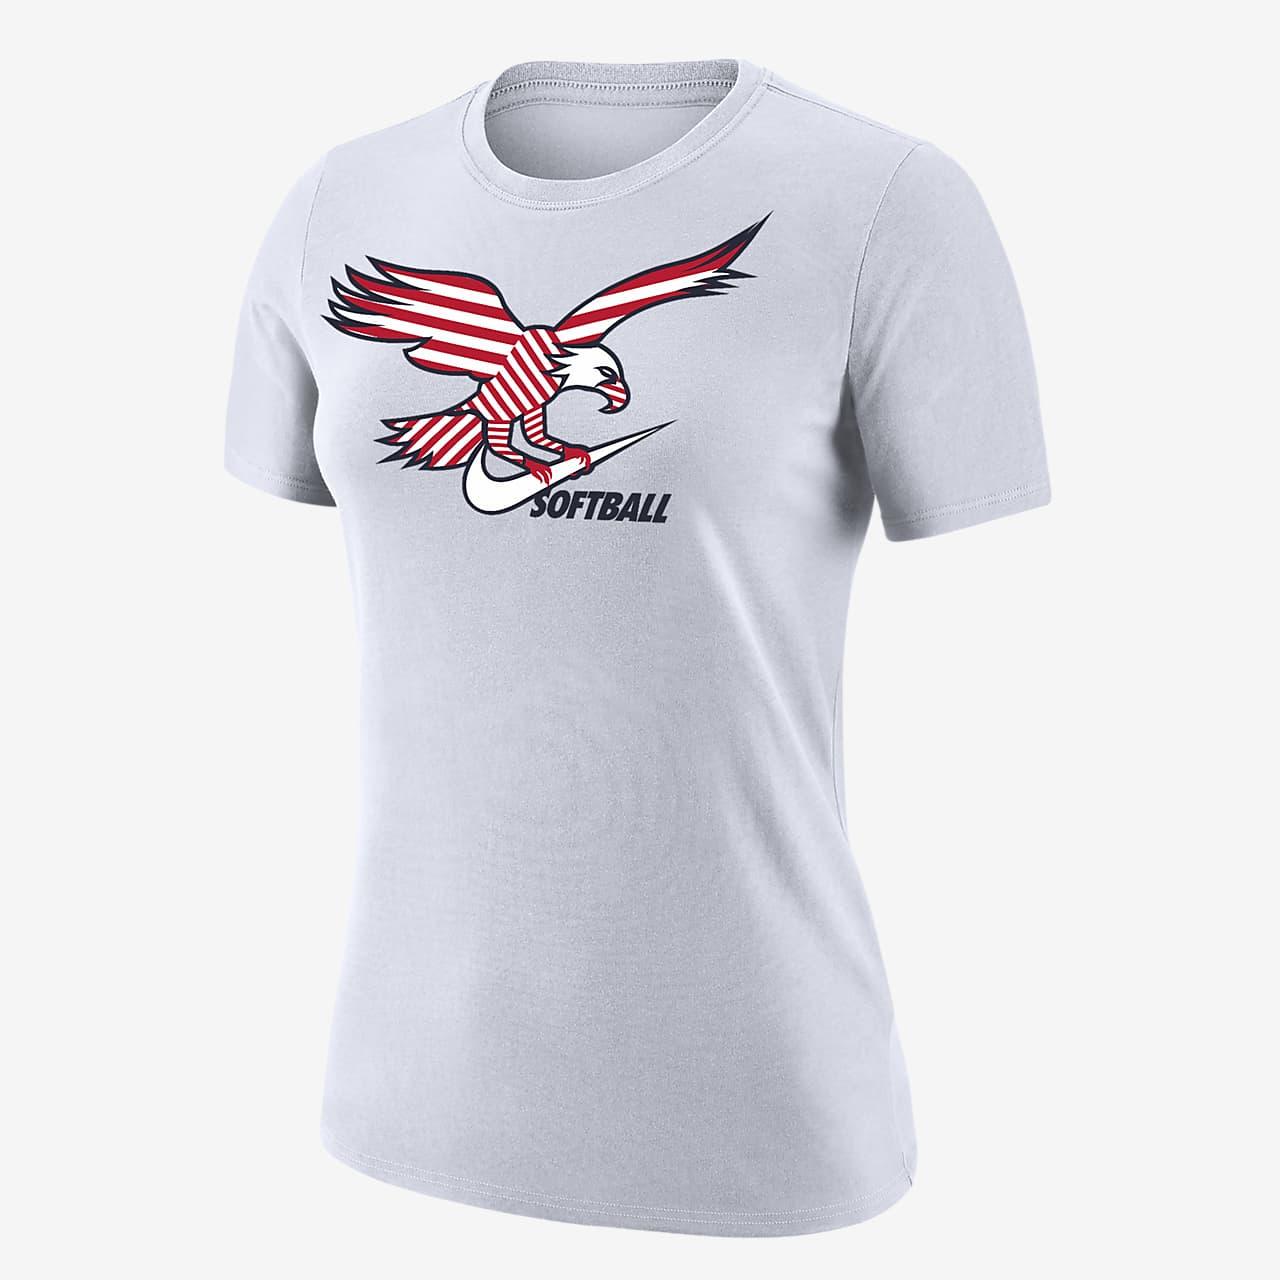 Nike Dri-FIT Women's T-Shirt